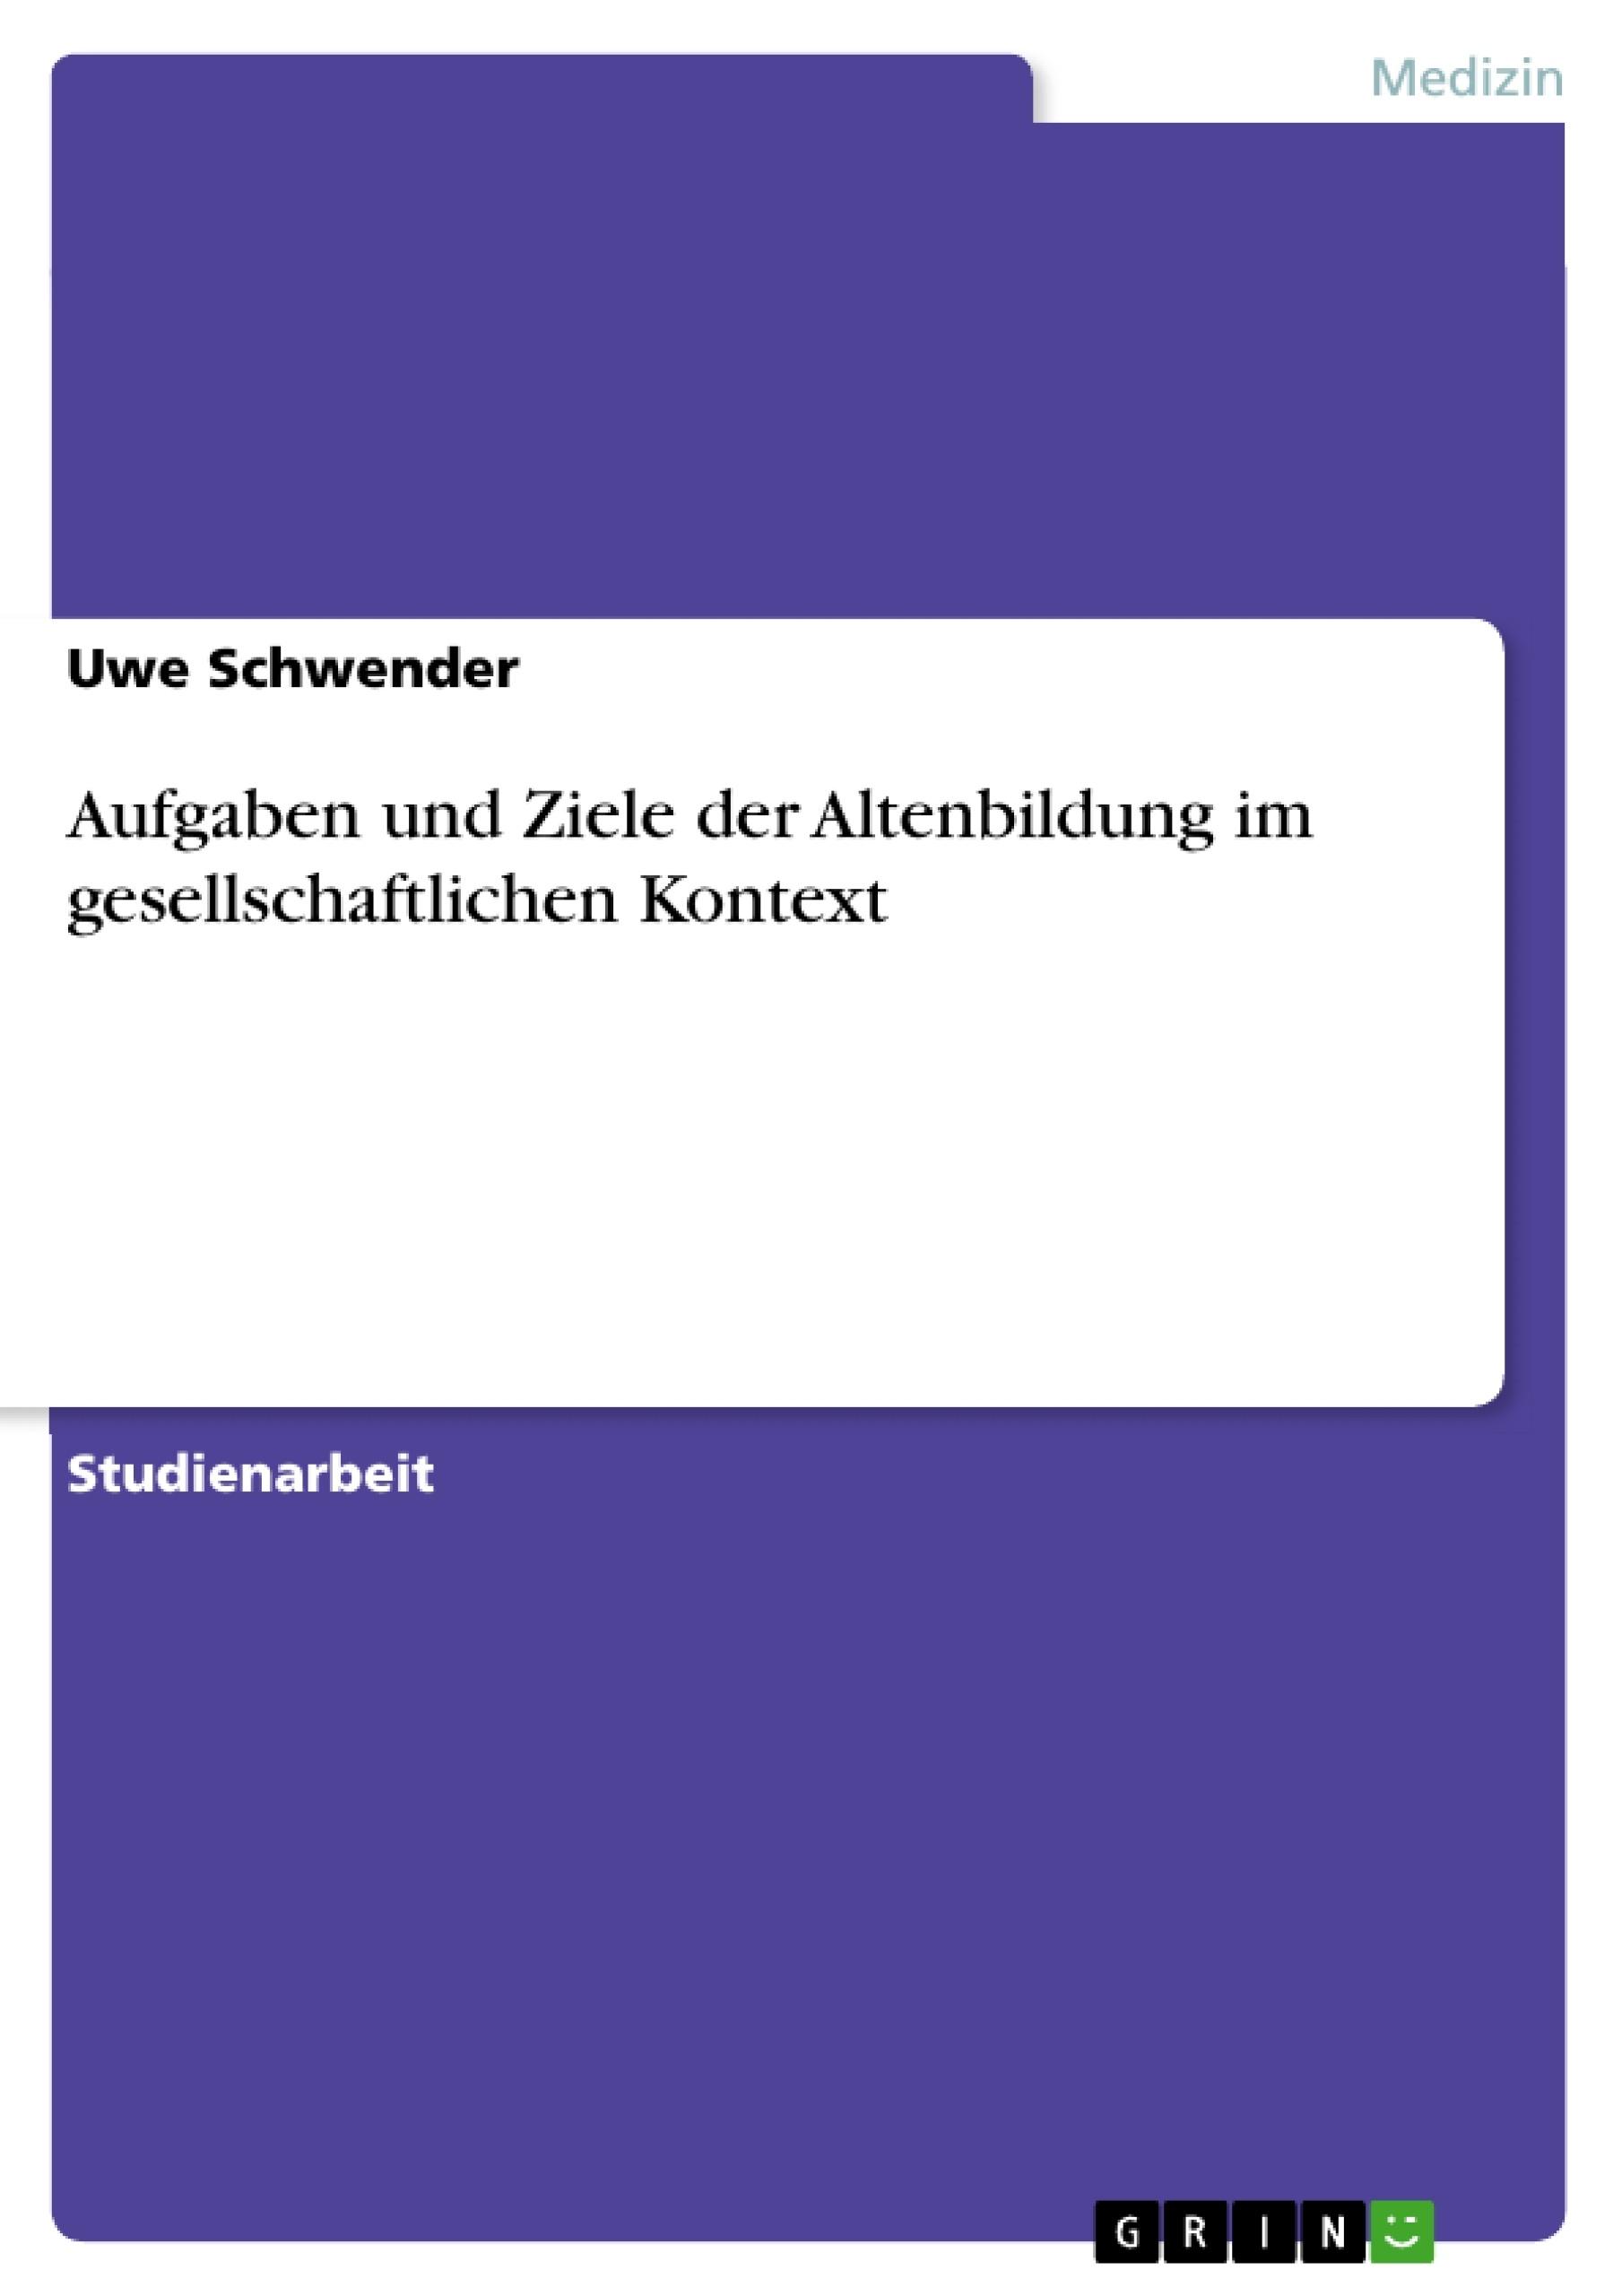 Titel: Aufgaben und Ziele der Altenbildung im gesellschaftlichen Kontext